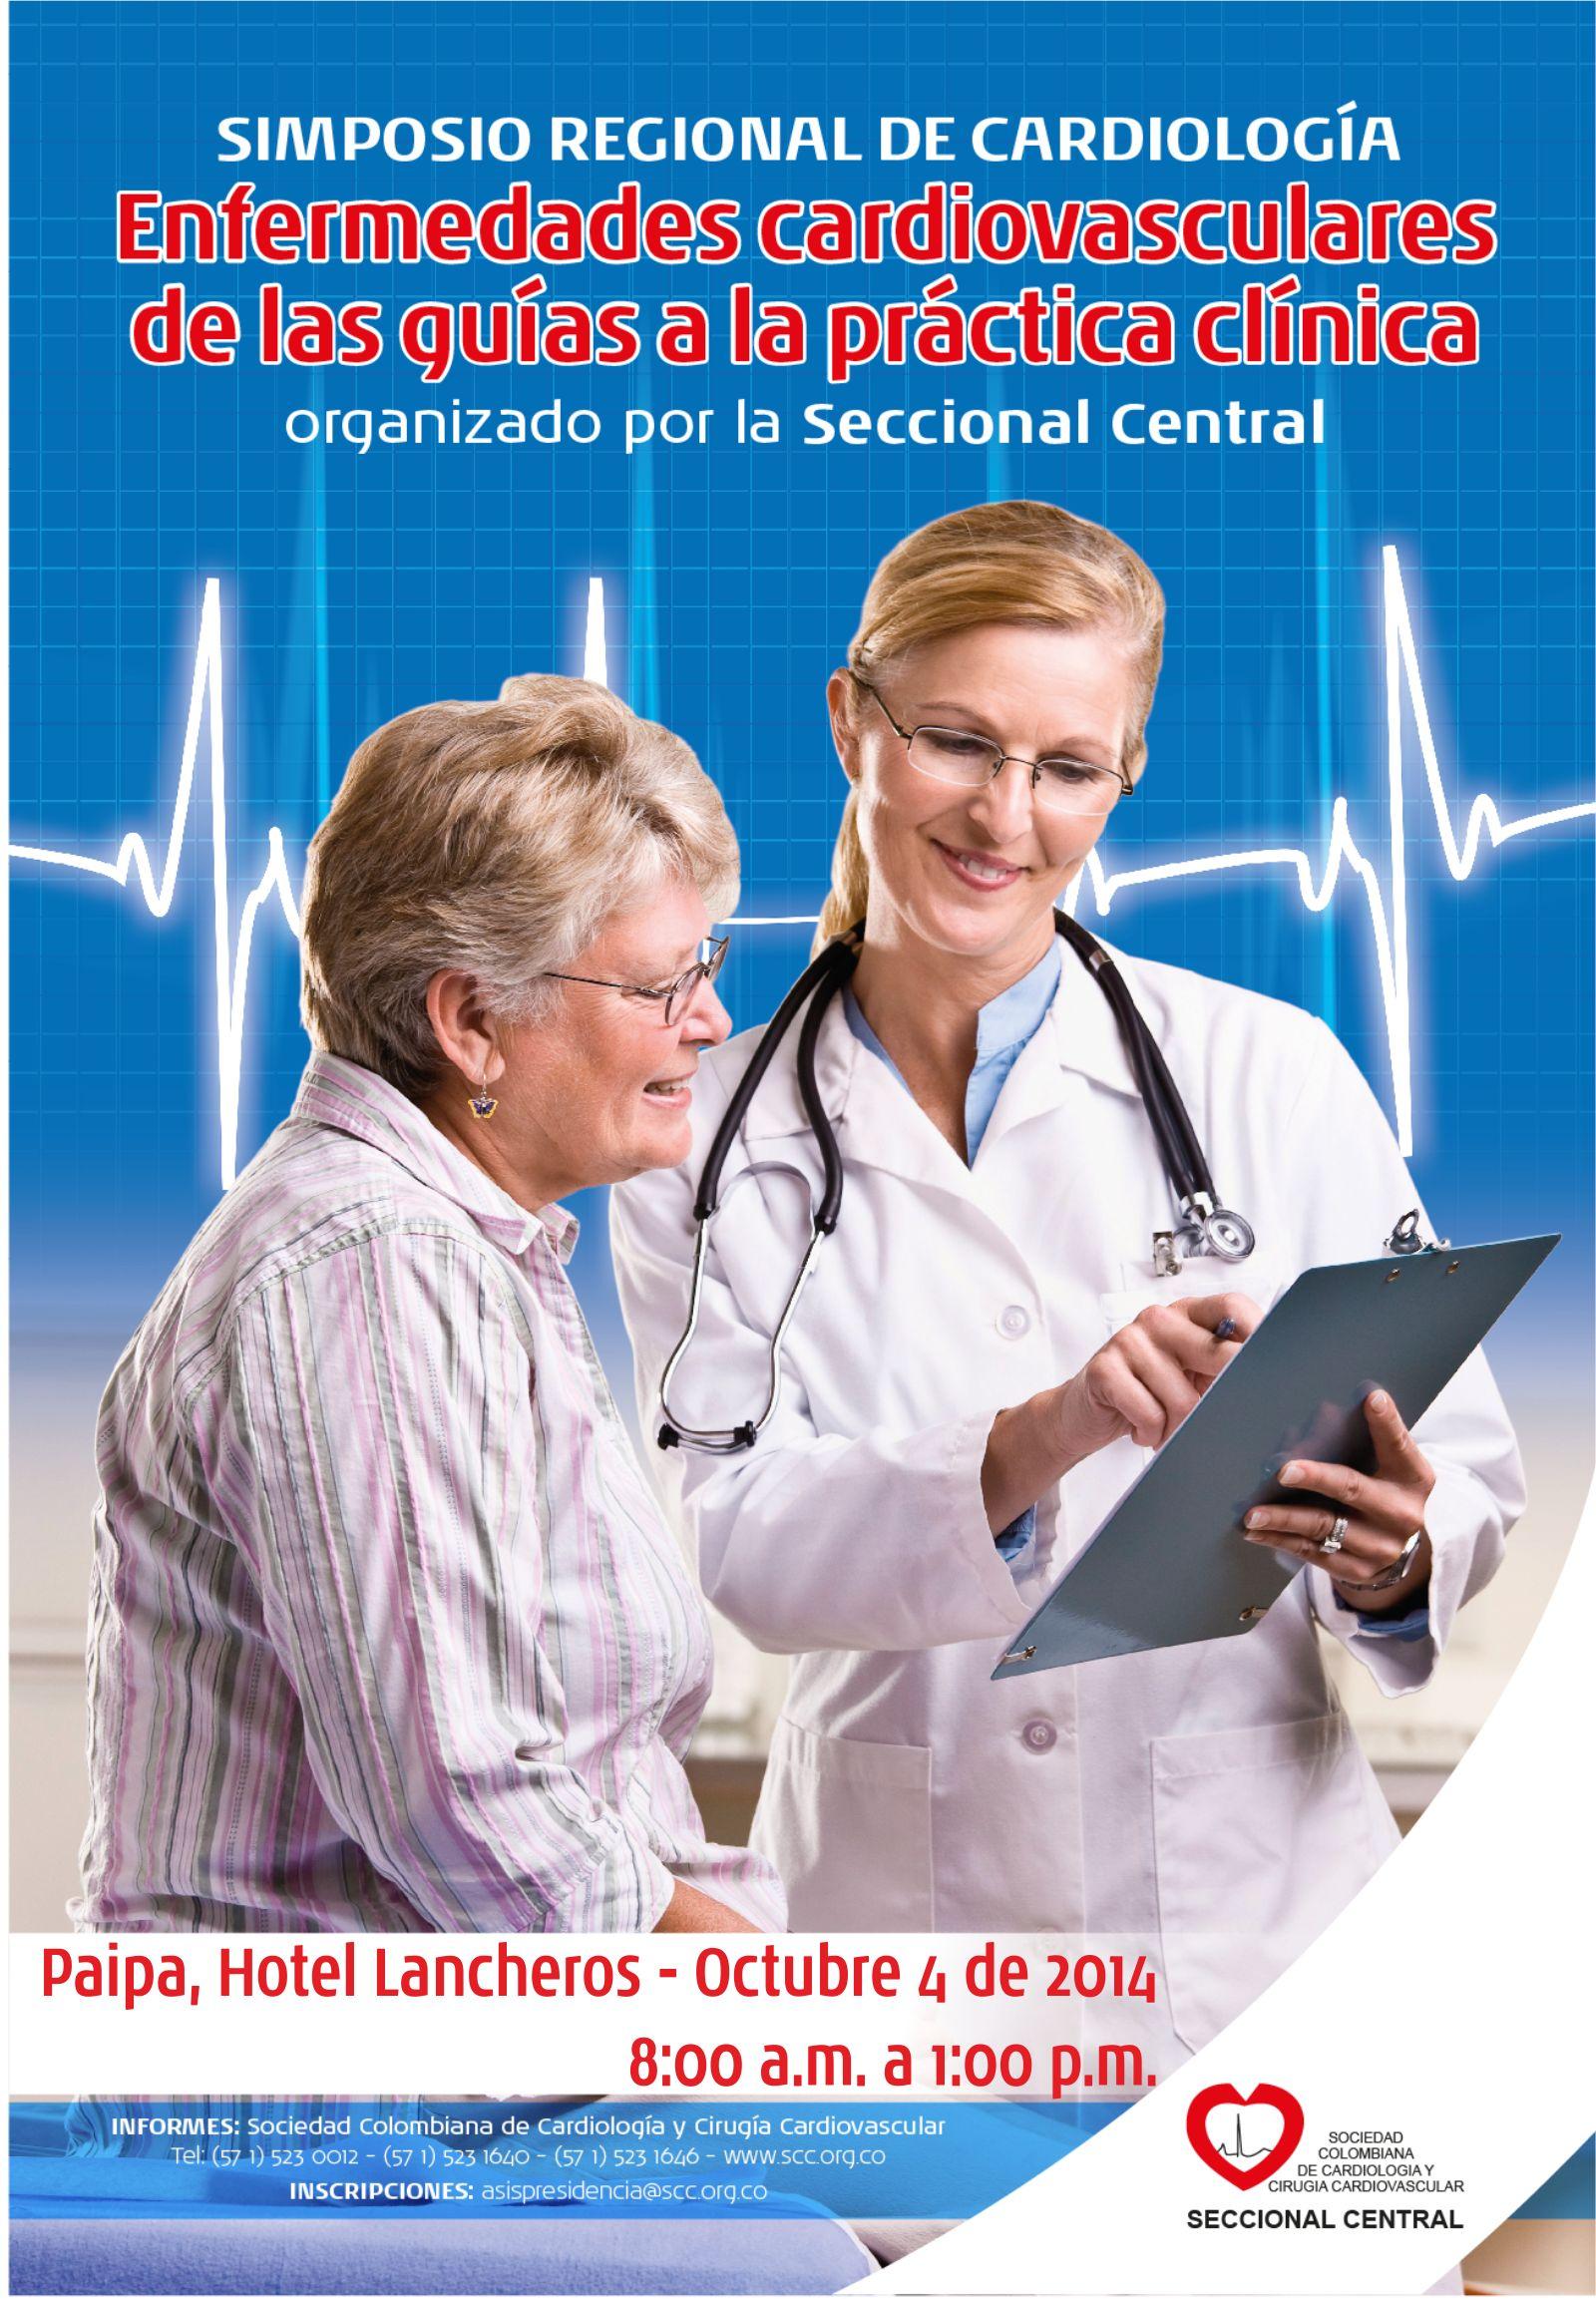 Simposio Regional de Cardiología:Enfermedades Cardiovasculares de las Guías a la Práctica Clínica